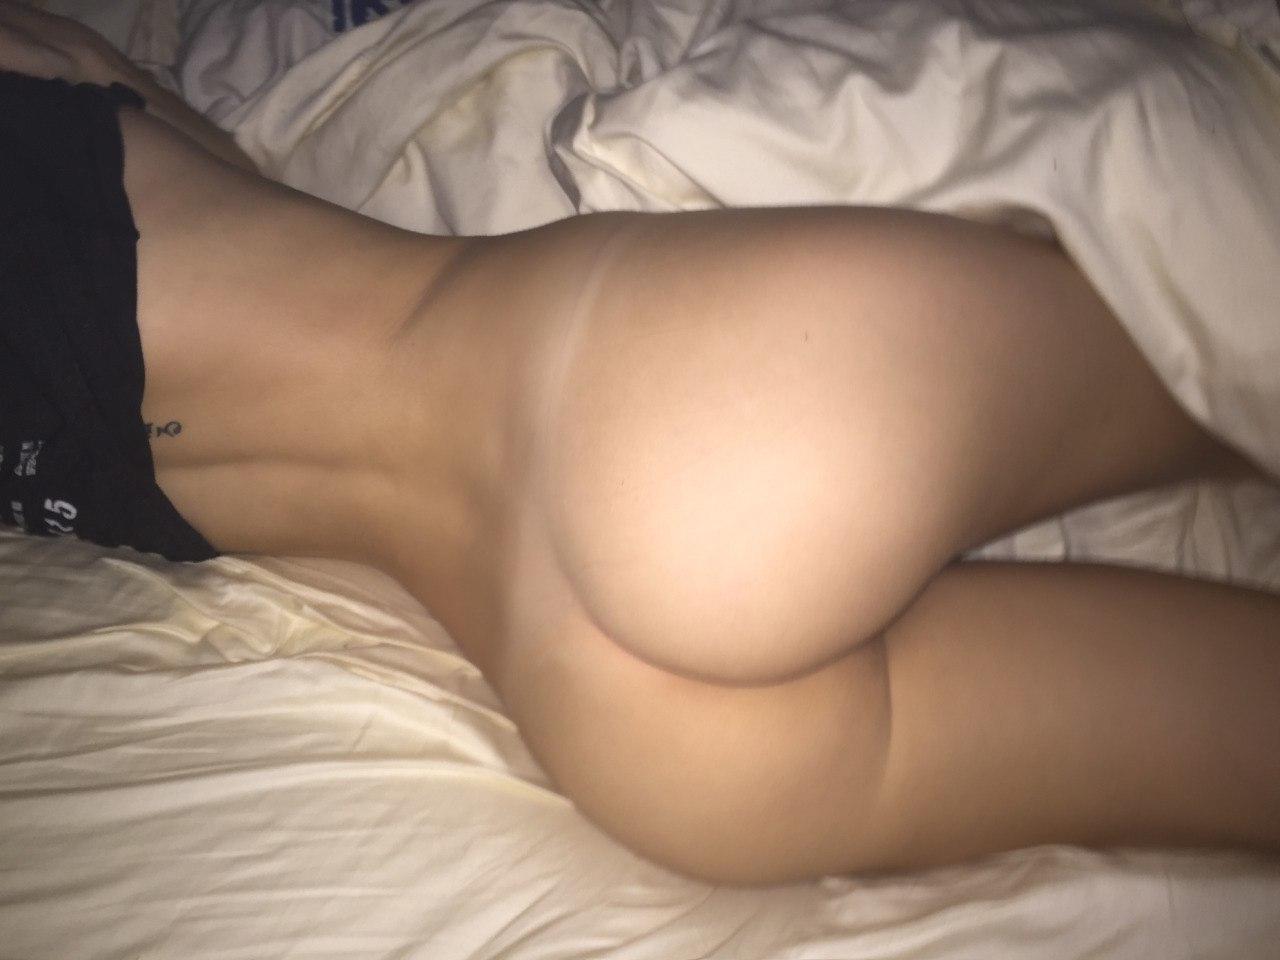 Free petite lesbian porn videos